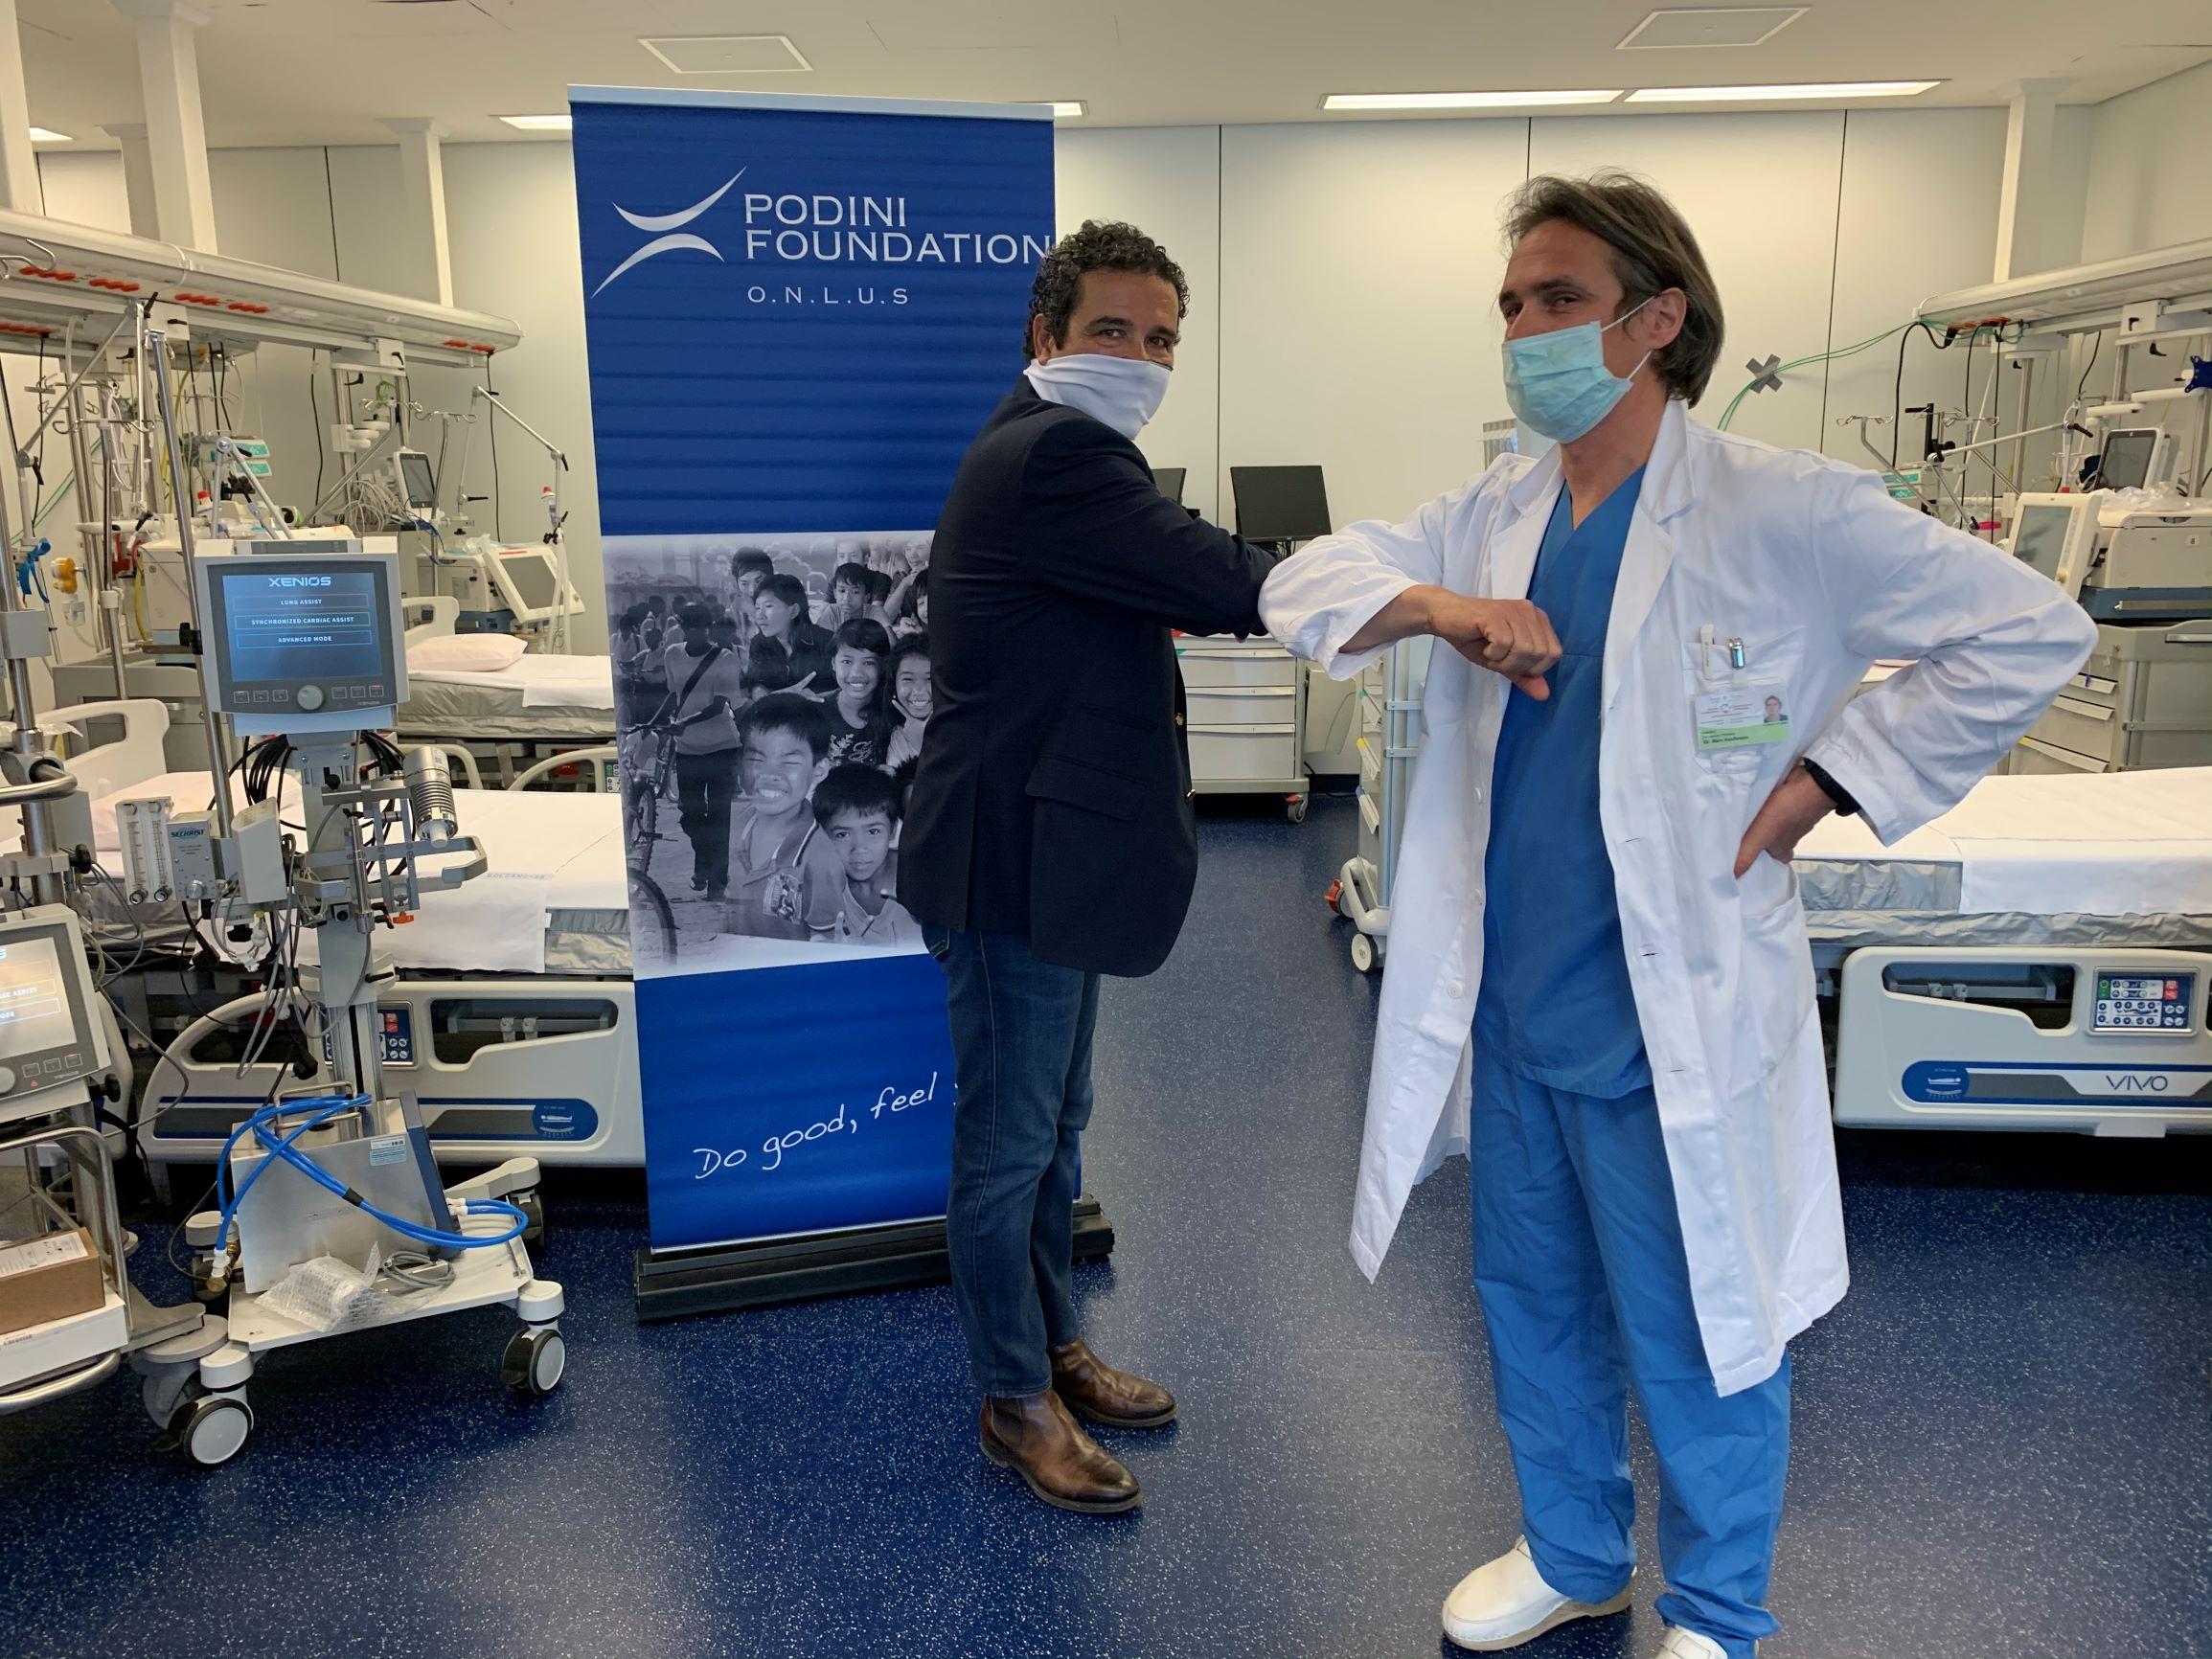 Der Von Der Podini-Stiftung Gespendete ECMO Wurde Im Krankenhaus Bozen In Betrieb Genommen